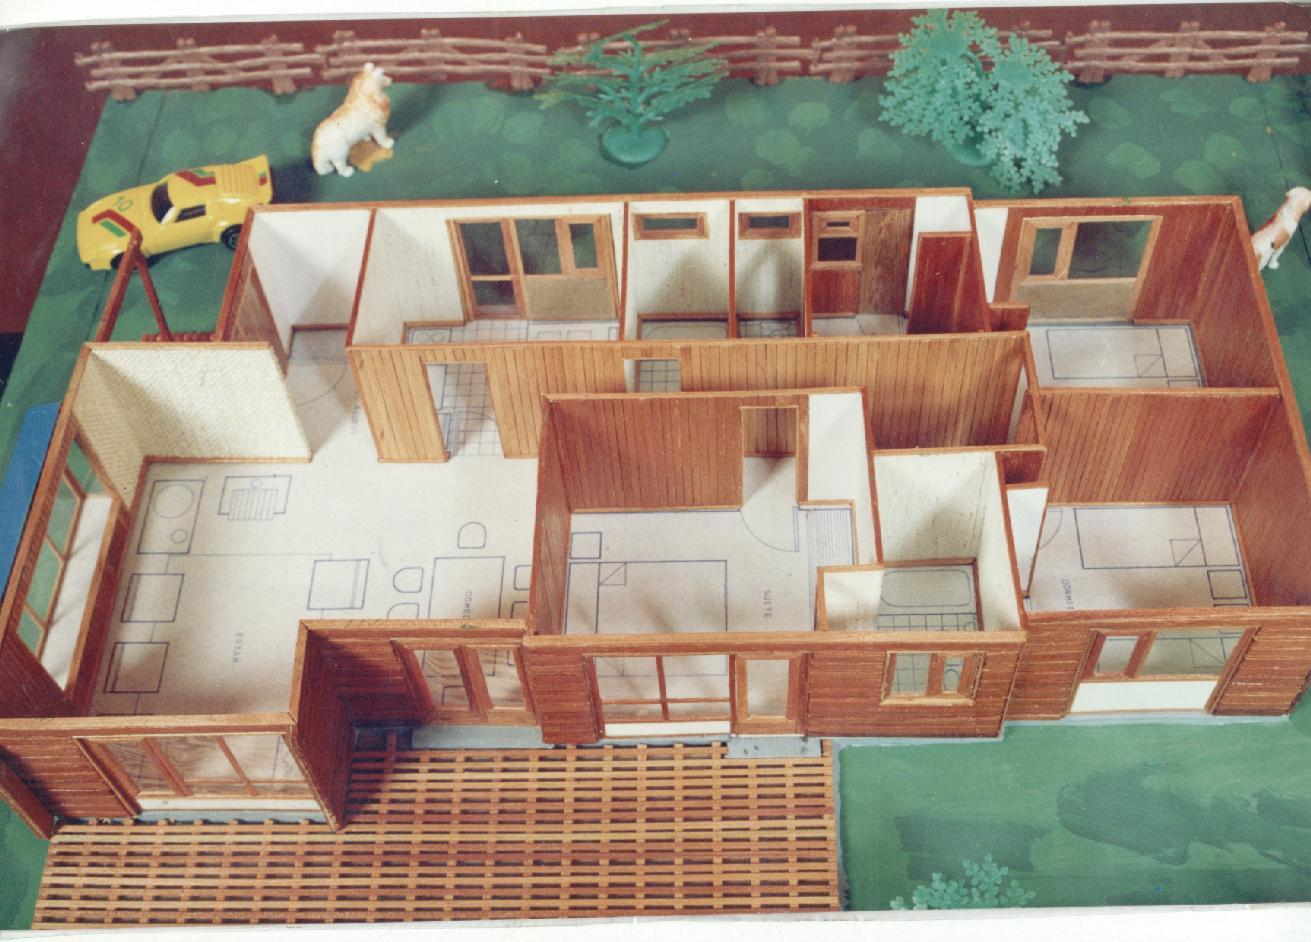 Planos de casas modelos y dise os de casas planos de for Disenos de casas pequenas para construir